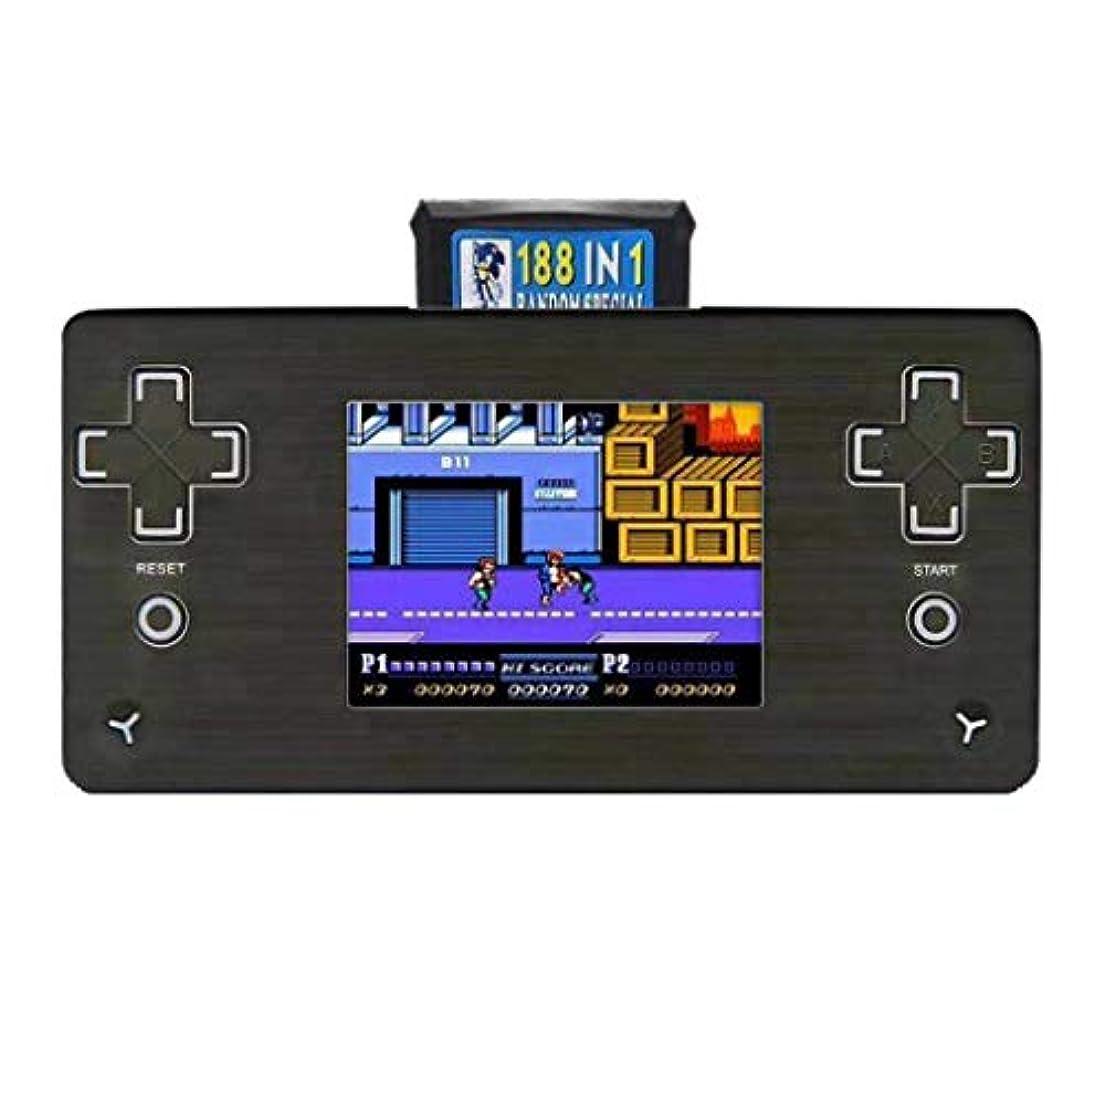 再開感謝している抹消携帯ゲーム機 アーケードゲーム 2.8インチ 家族 ハンドヘルドビデオゲーム 8ビットテレビ レトロ ポータブル コンソール プレーヤー 2ピースカード ゲームプレーヤーhuajuan